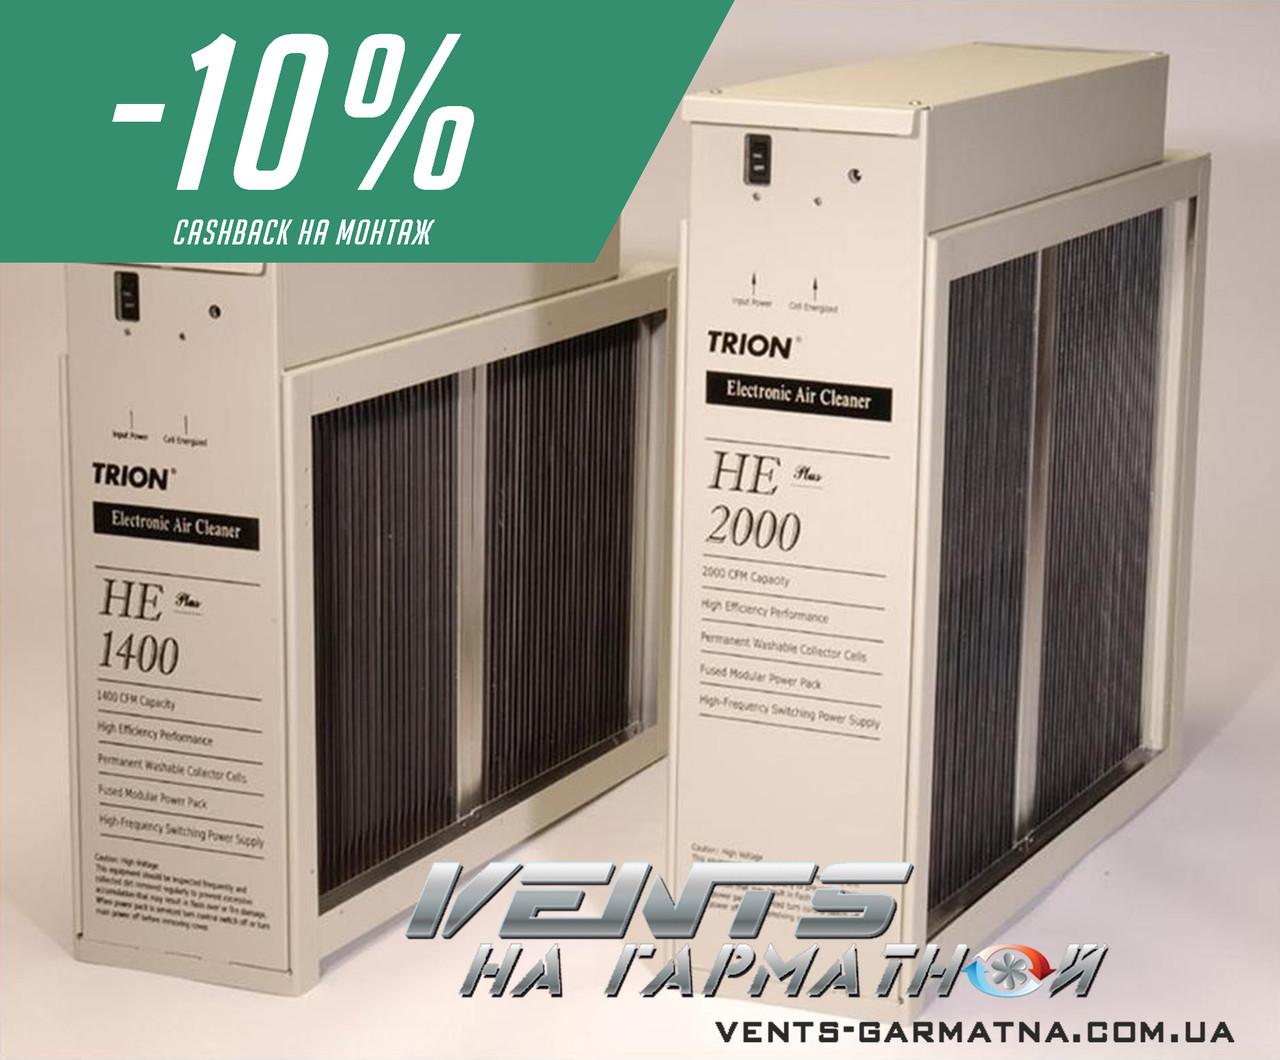 TRION  HE Plus 2000. Єлектростатический коммерческий канальный воздухоочиститель